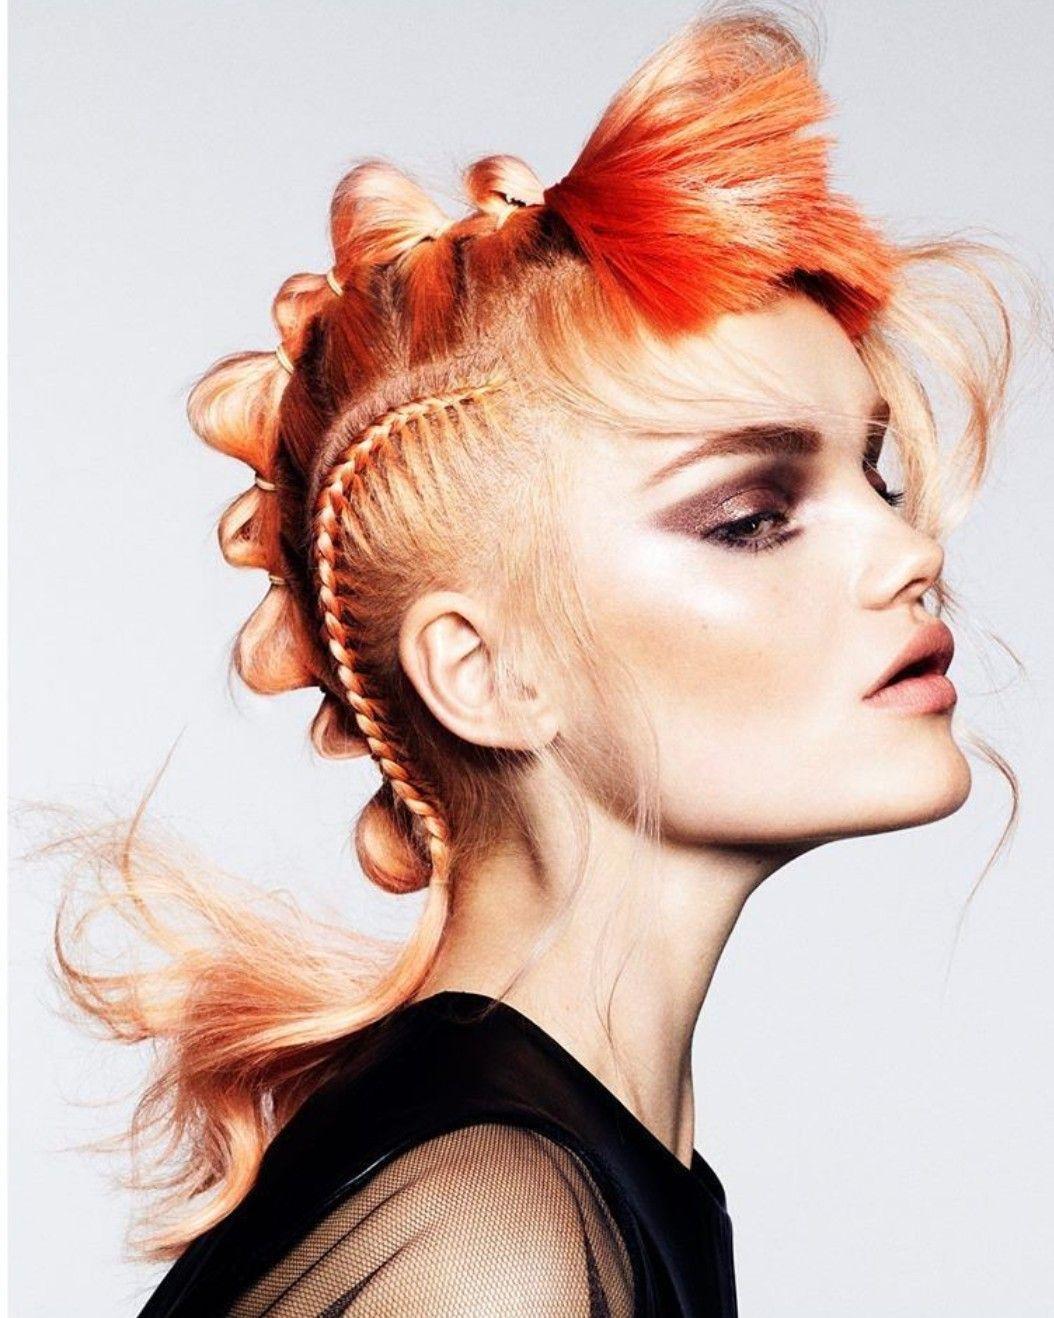 Super dulce peinados extravagantes Galería de cortes de pelo tutoriales - Pin de Rosalen Pastrana en ใ ໕អරරនξ τჩវន ɥɐıɹṧтʏℓḙ ...